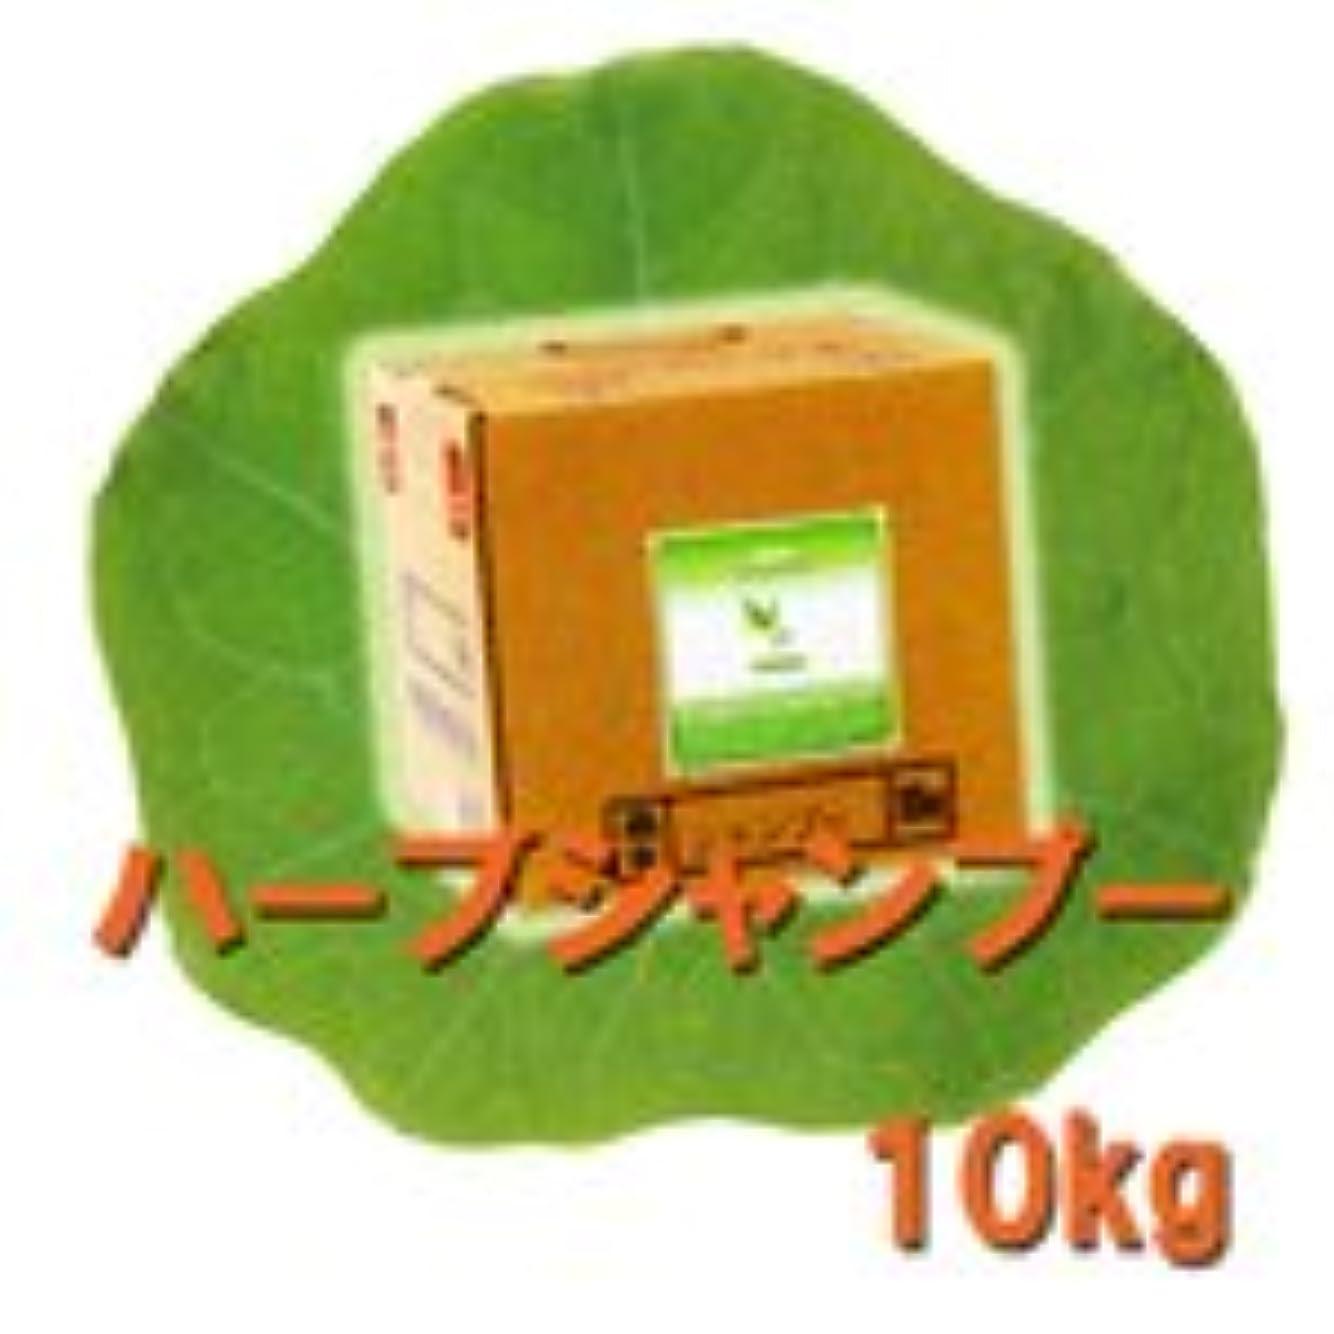 アルコール見捨てる穿孔する中央有機化学 ハーブシリーズ ハーブシャンプー 10kg